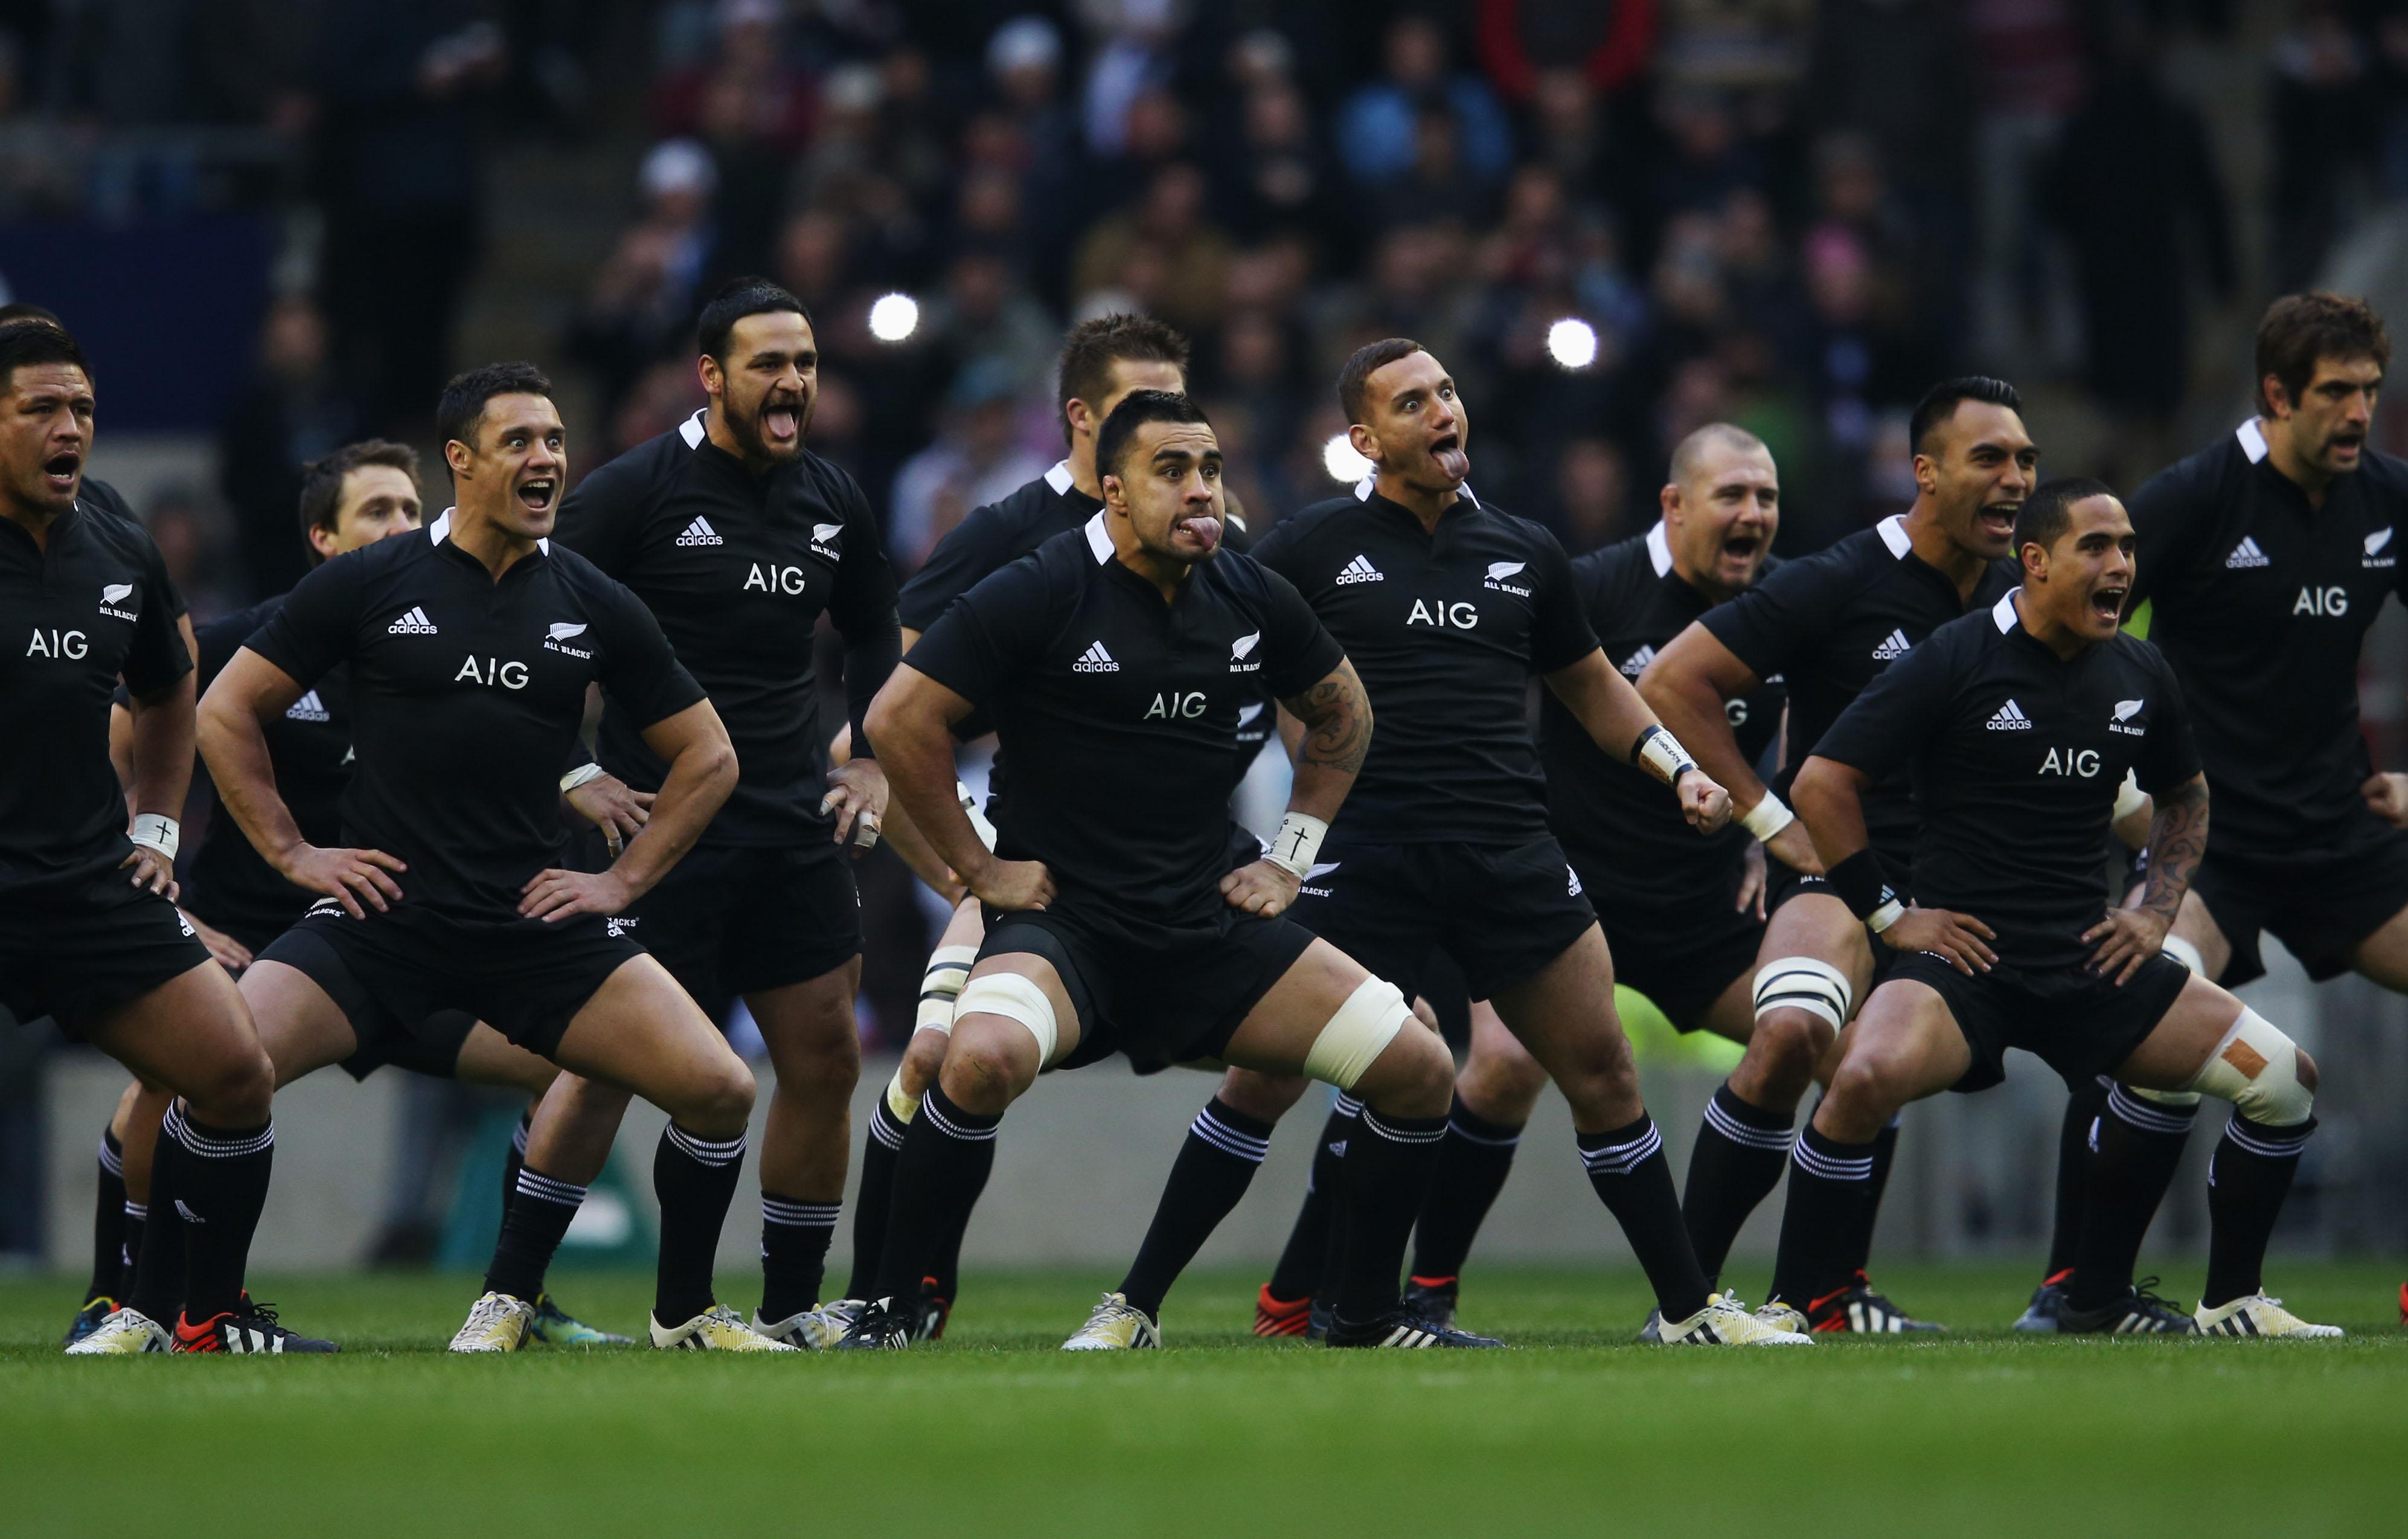 Rituálny bojový tanec Haka novozélandských rugbistov (rugby.co.nz)